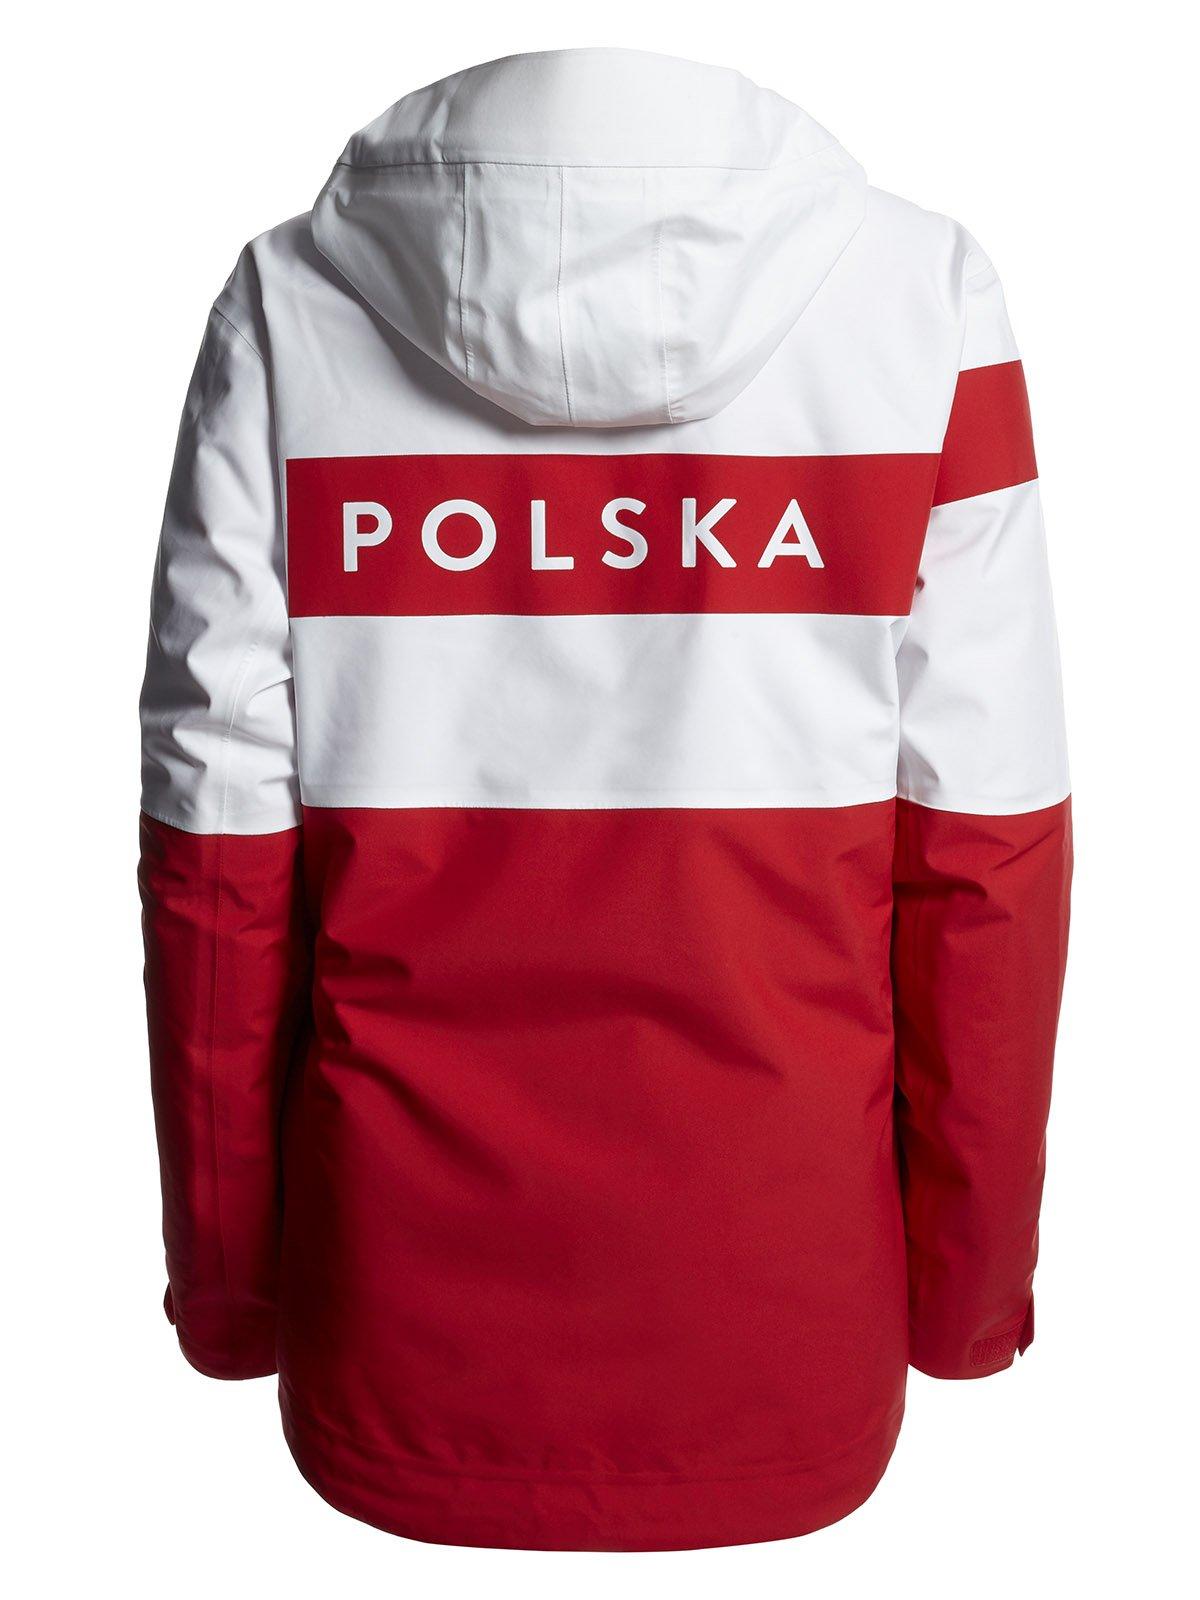 d76753e76aa85 Kurtka funkcyjna 3w1 męska Polska Pyeongchang 2018 KUM900R - biały